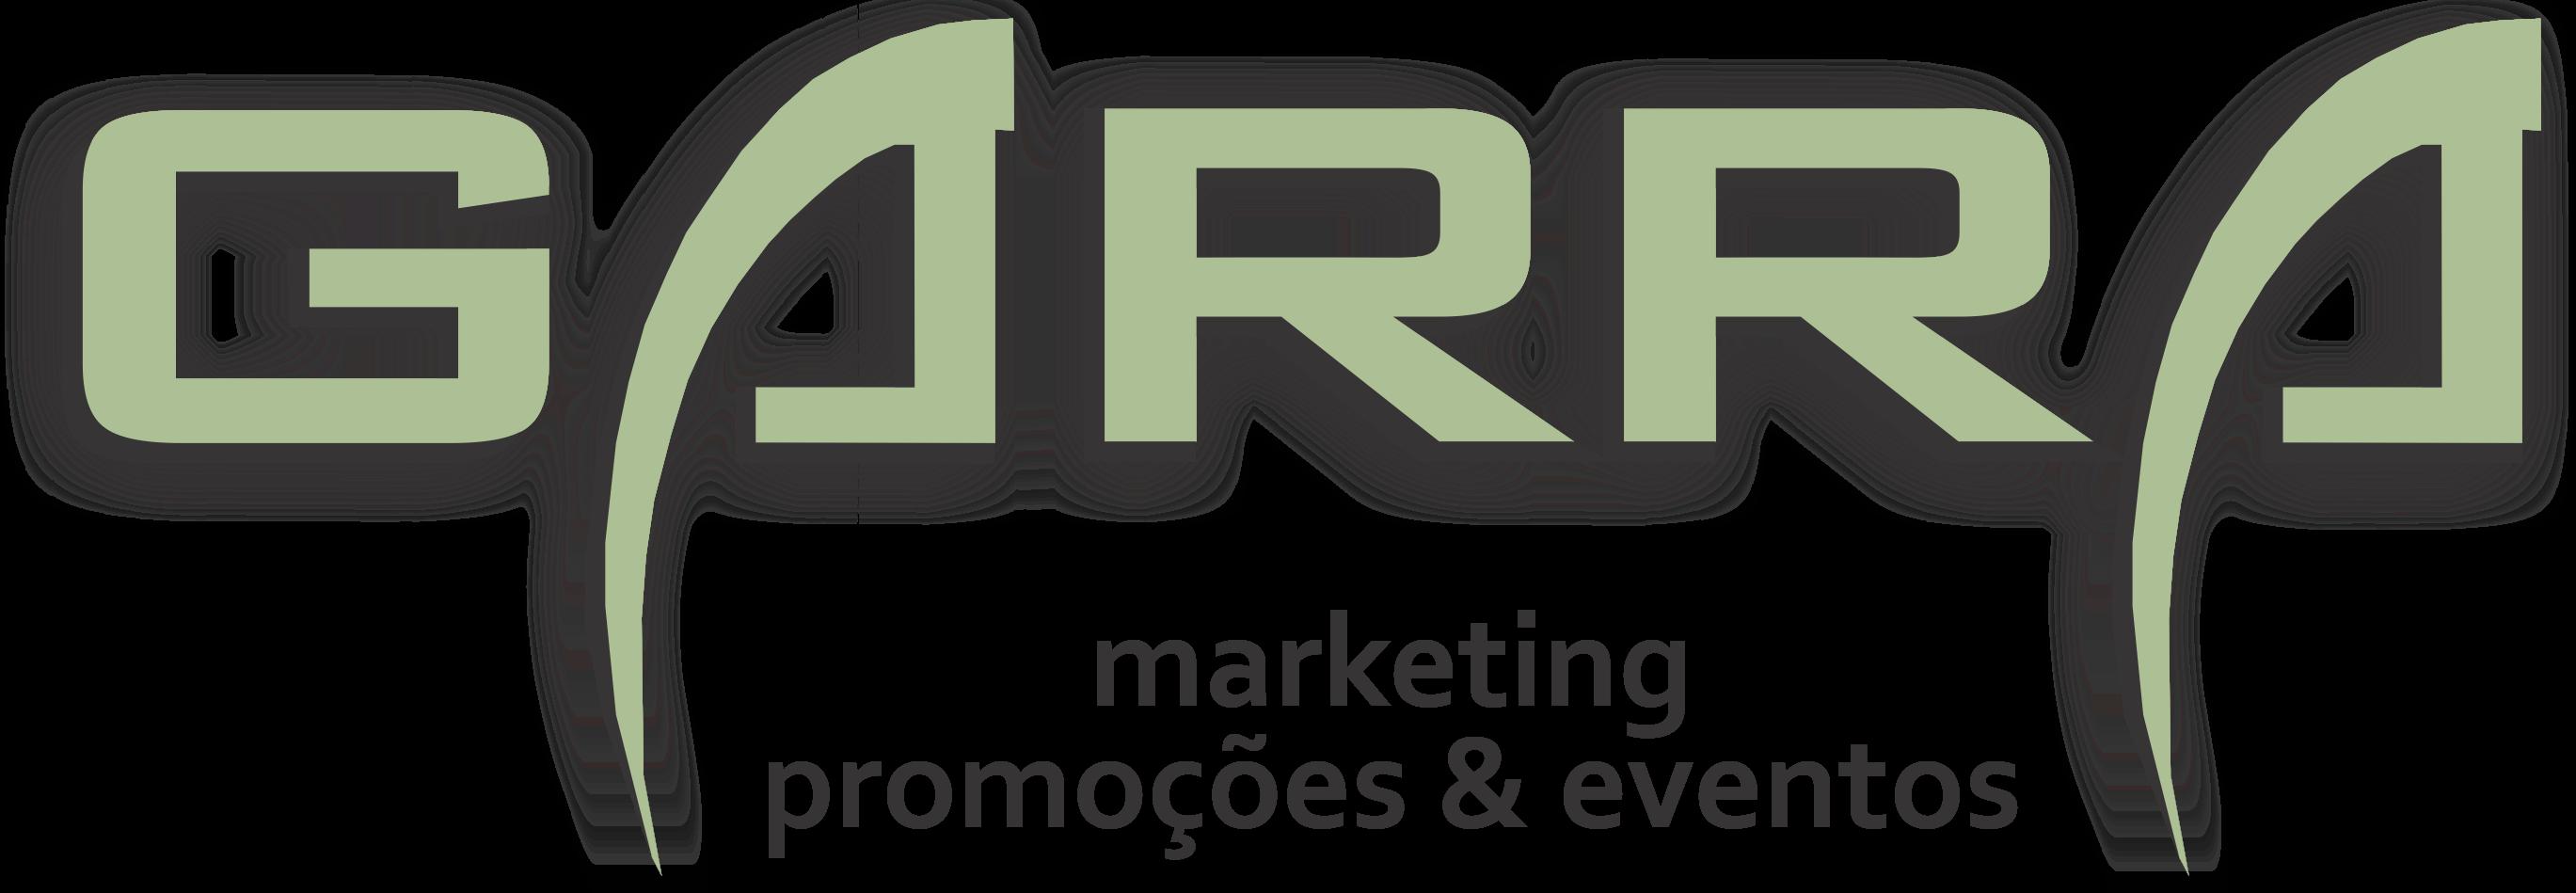 Garra Marketing, Promoções & Eventos: Foco em Resultados Positivos